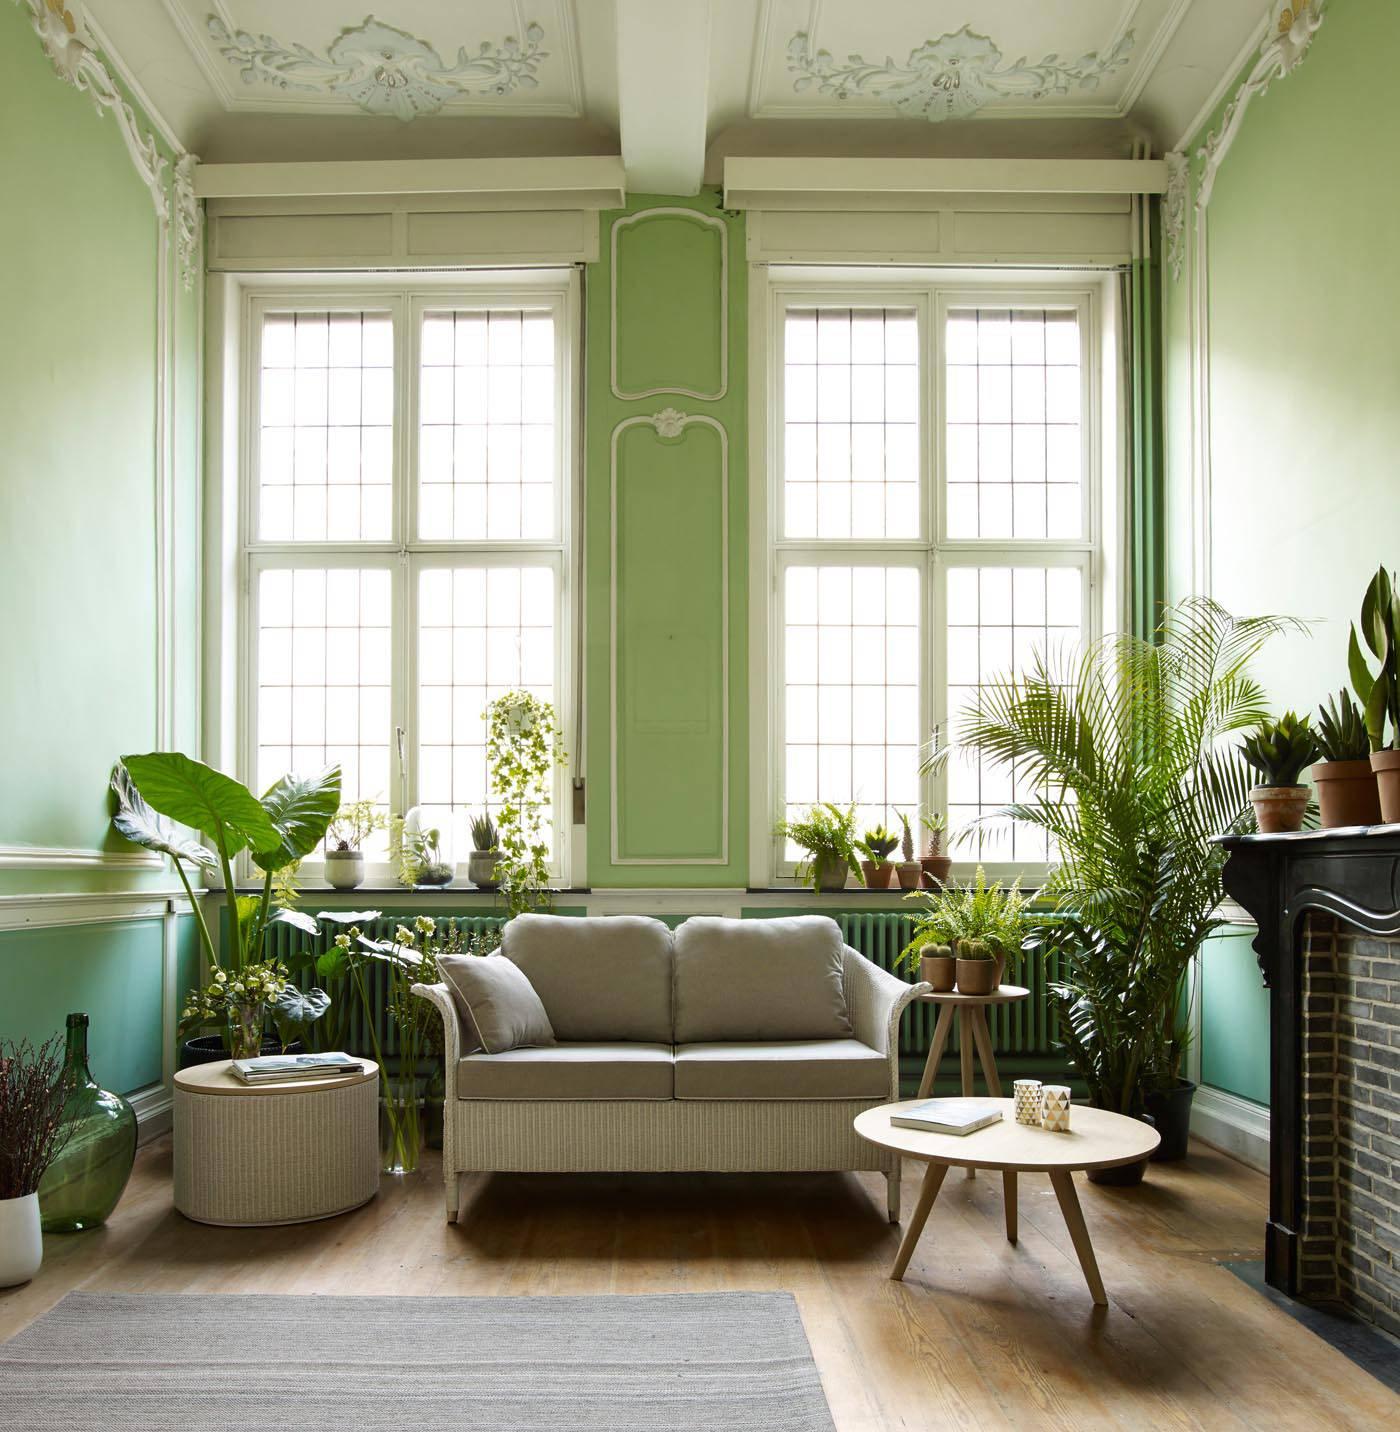 meubles vincent meuble surmesure vincent with meubles vincent good sconces hettier vincent. Black Bedroom Furniture Sets. Home Design Ideas